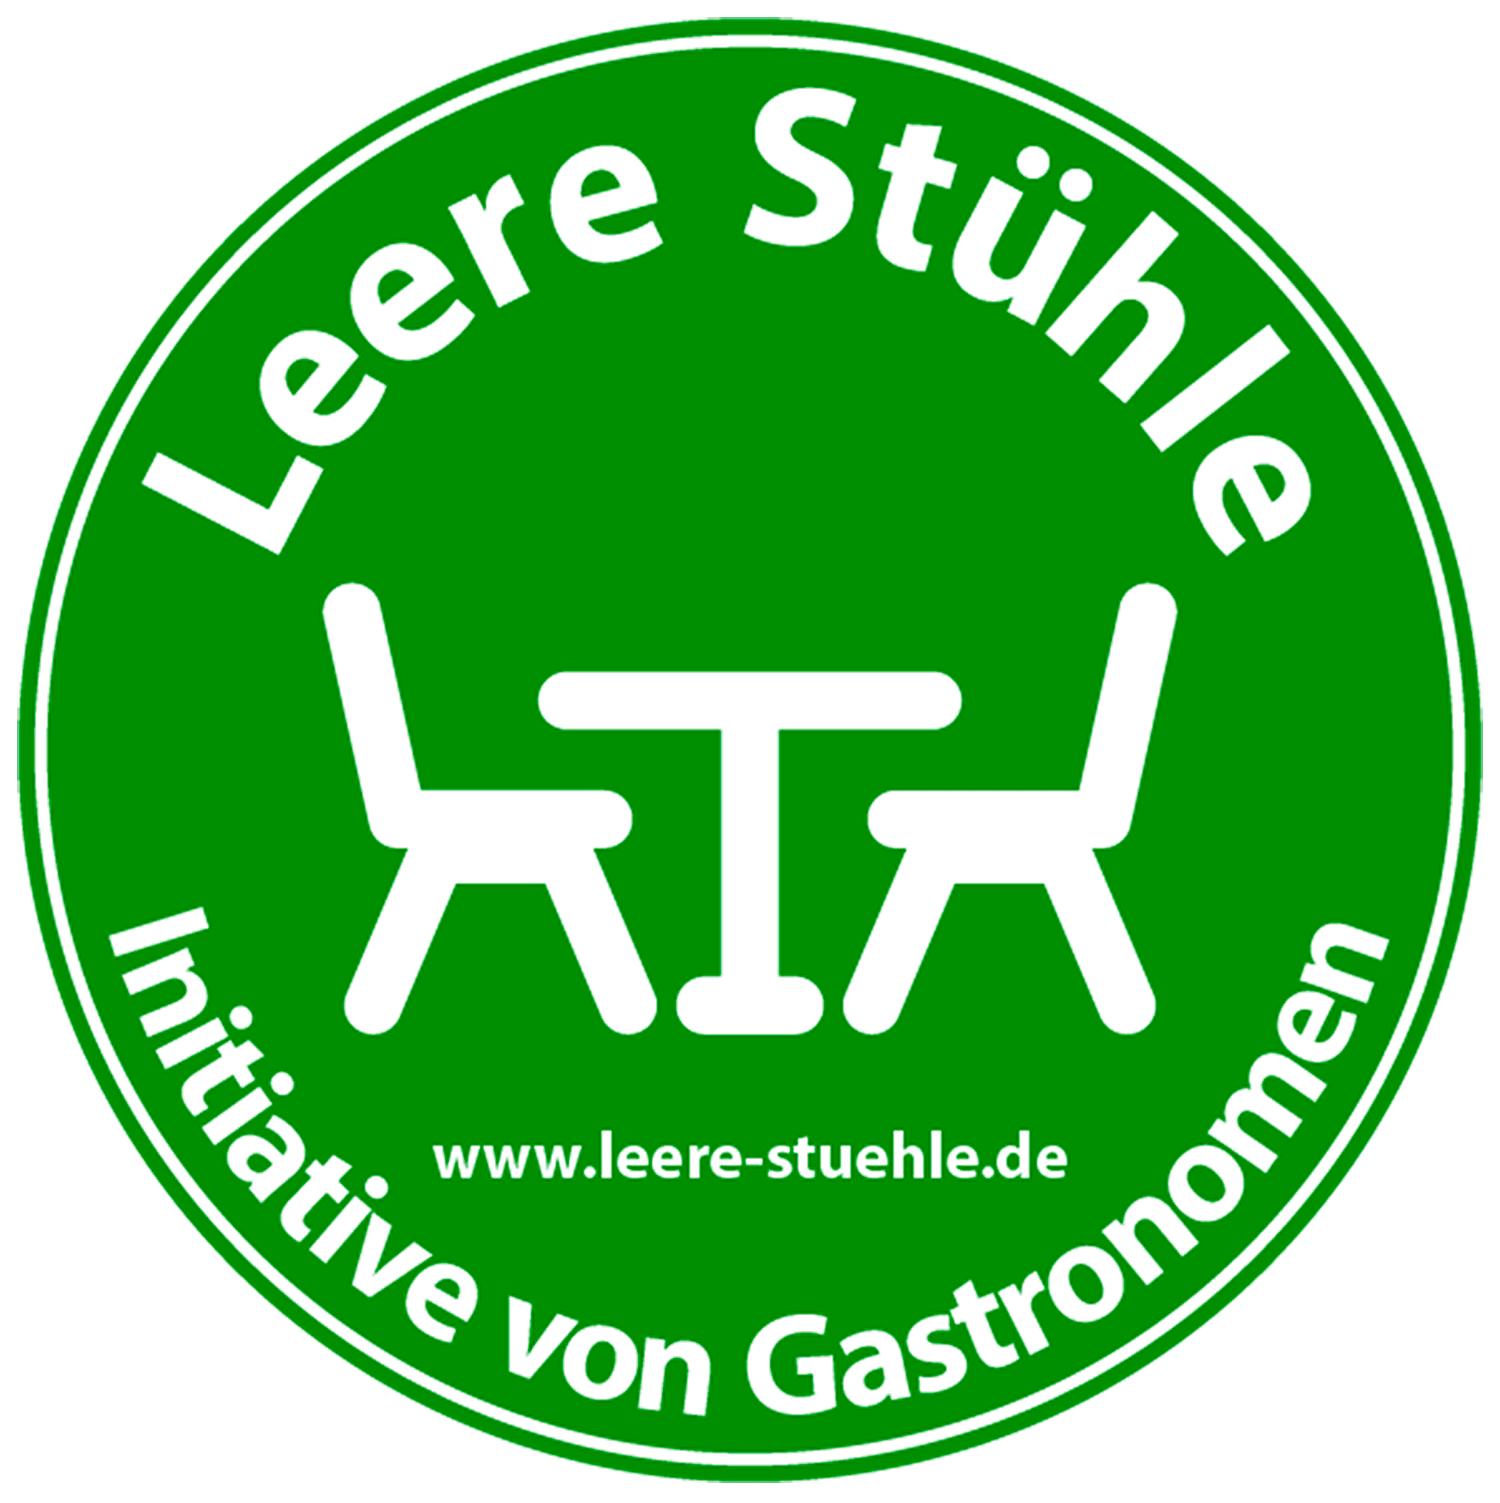 Leere-Stuehle